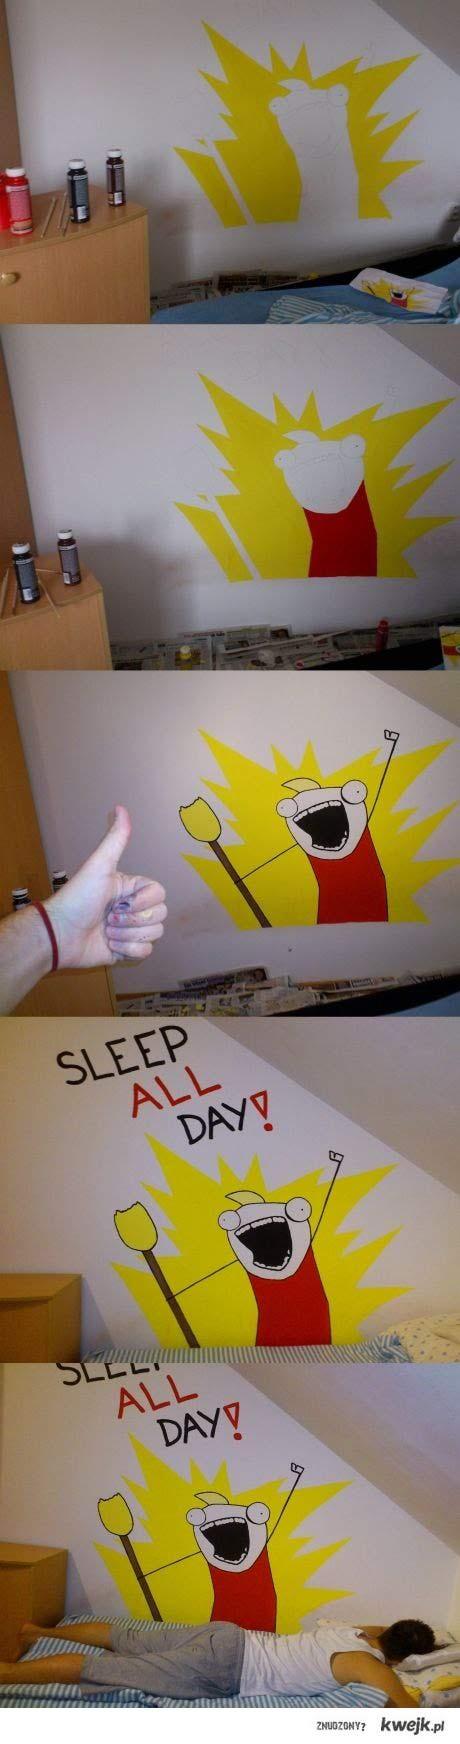 sleep all day